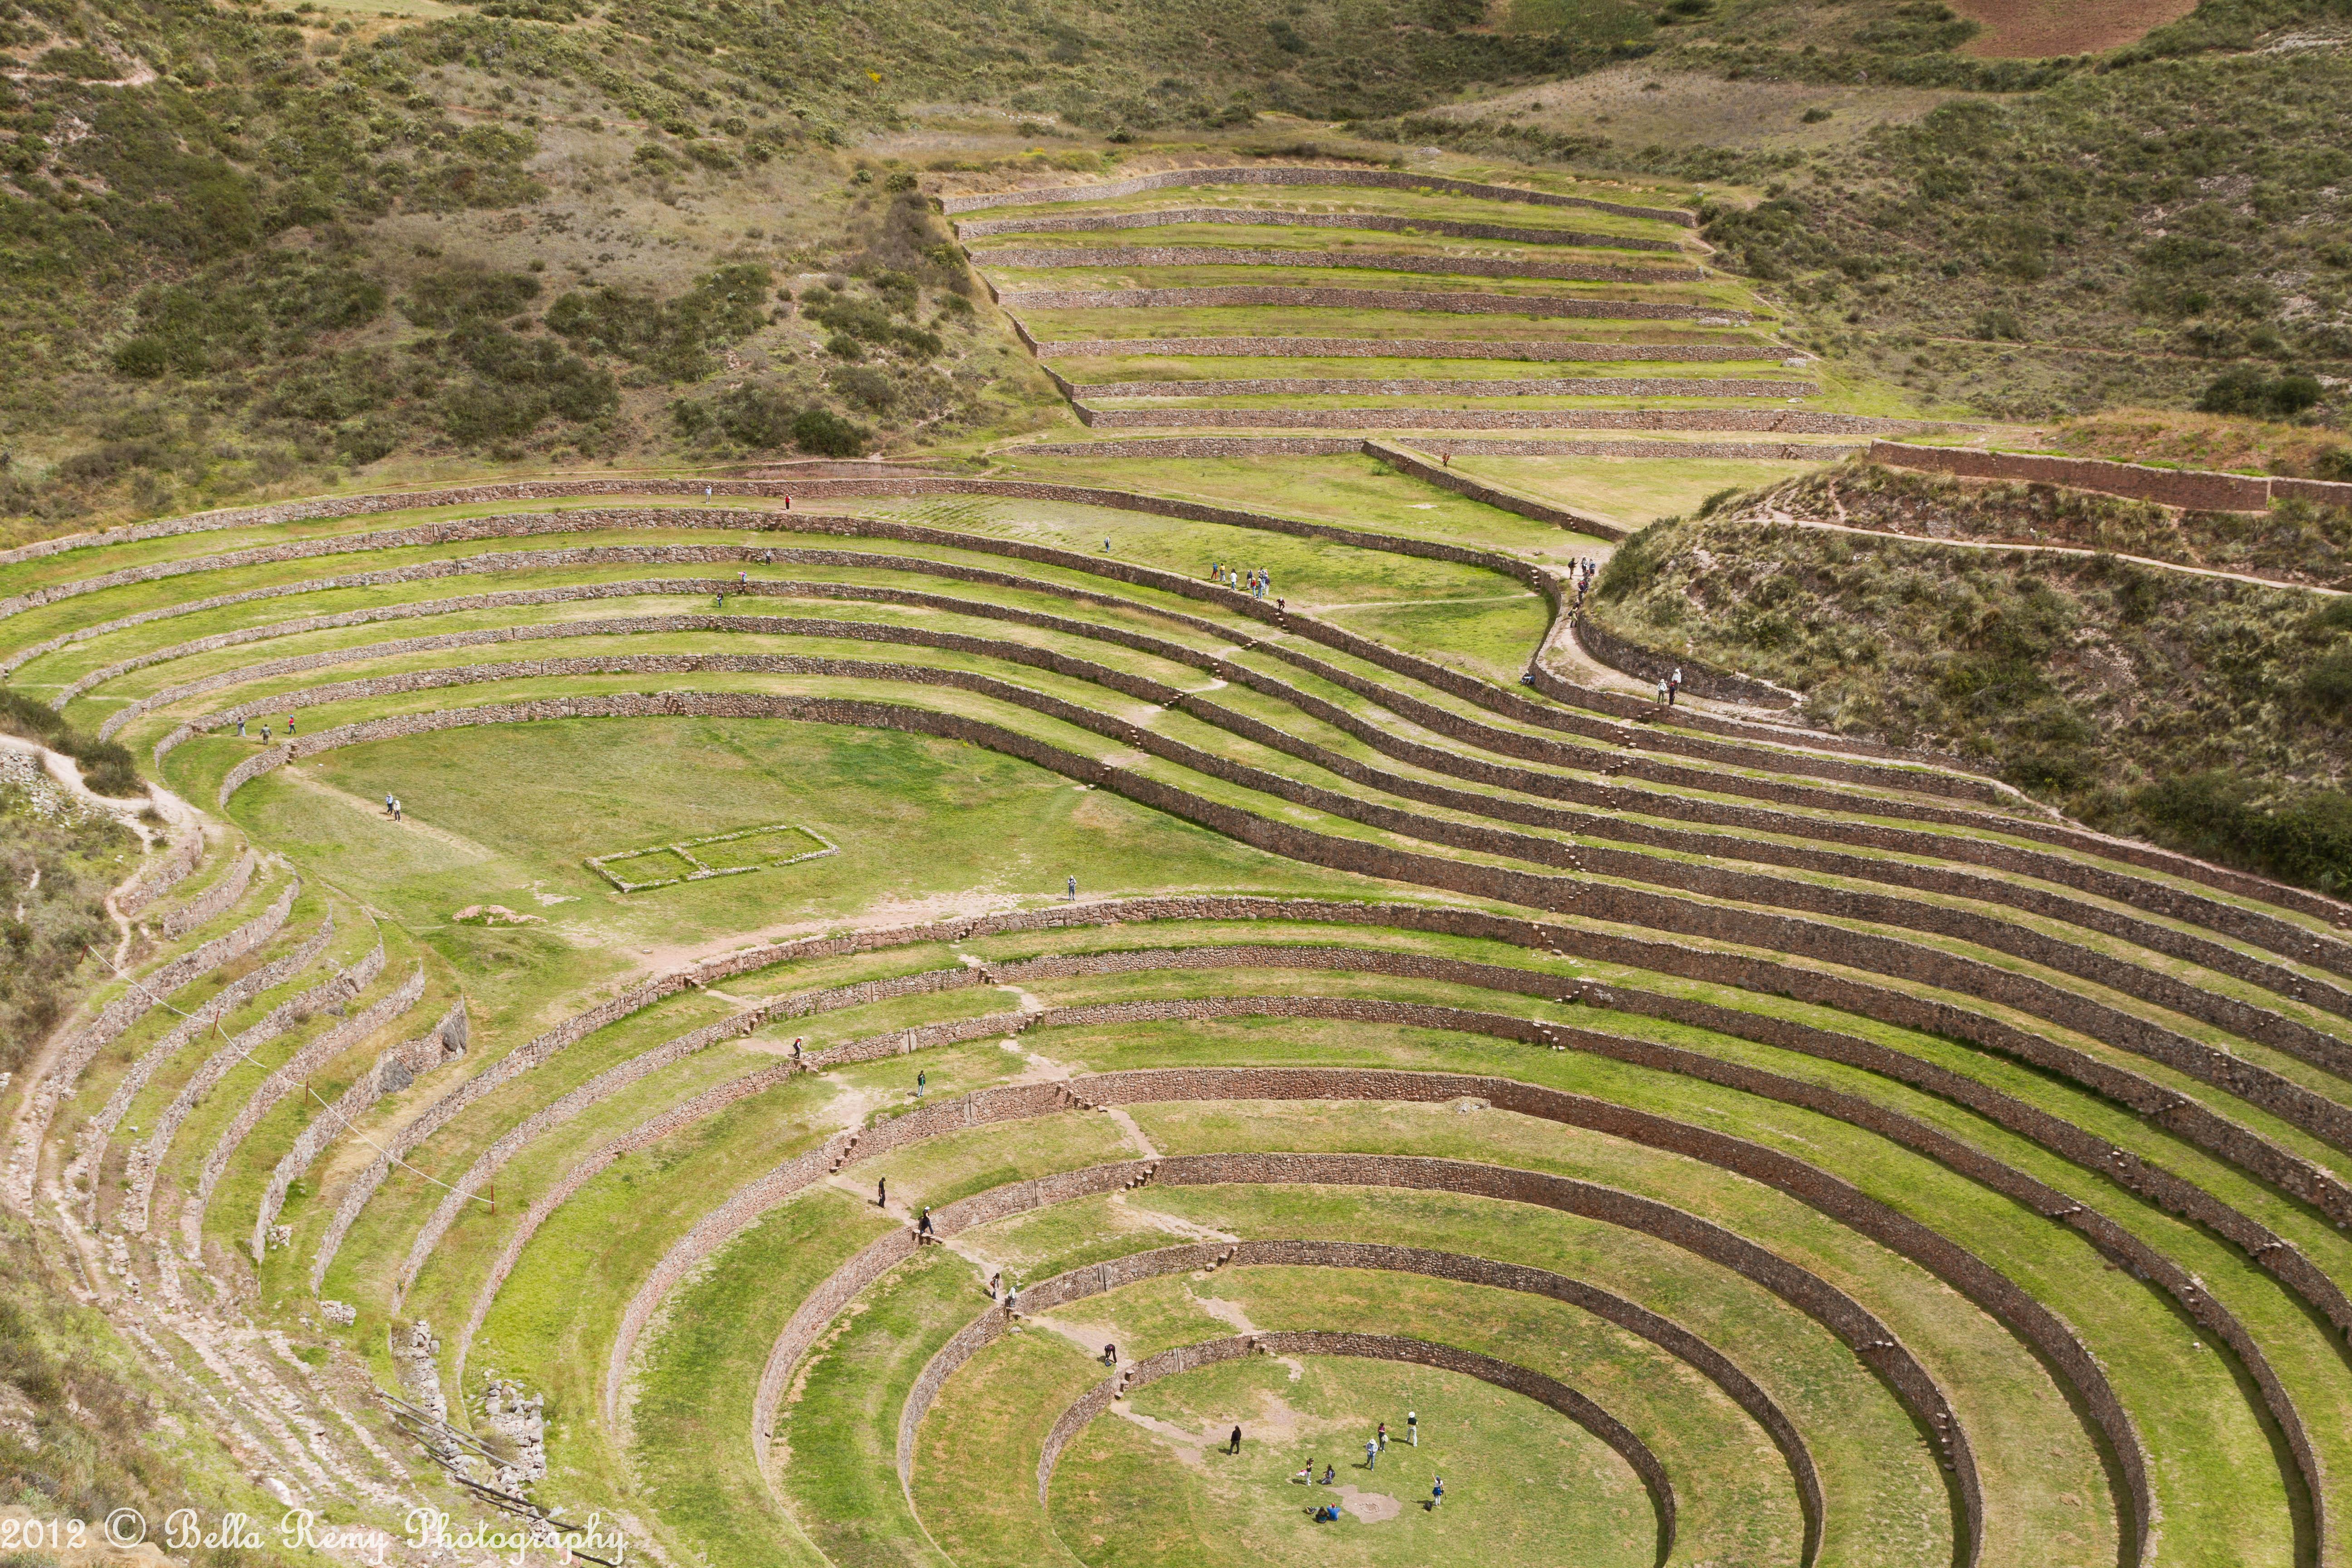 Moray an inca farmer s paradise hoof beats and foot prints for Terrace farming diagram